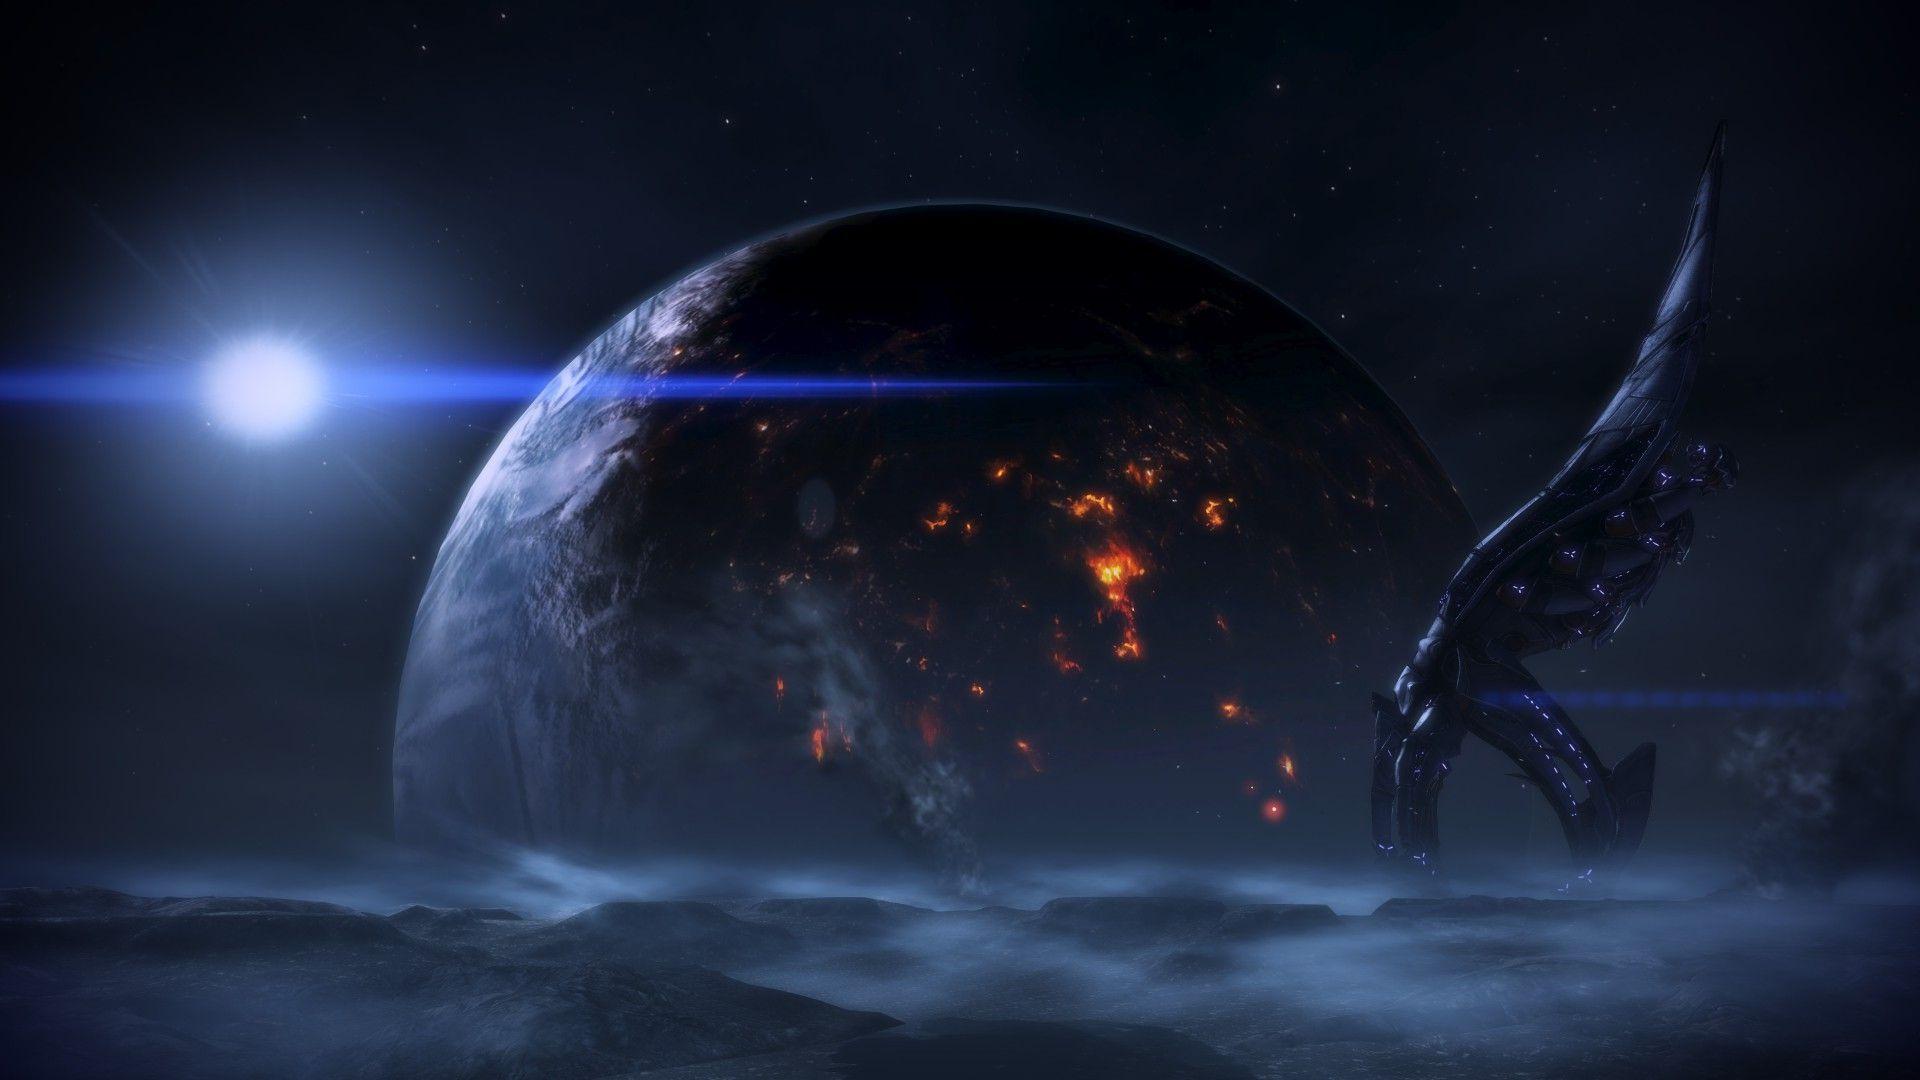 Mass Effect Wallpaper Hd - WallpaperSafari